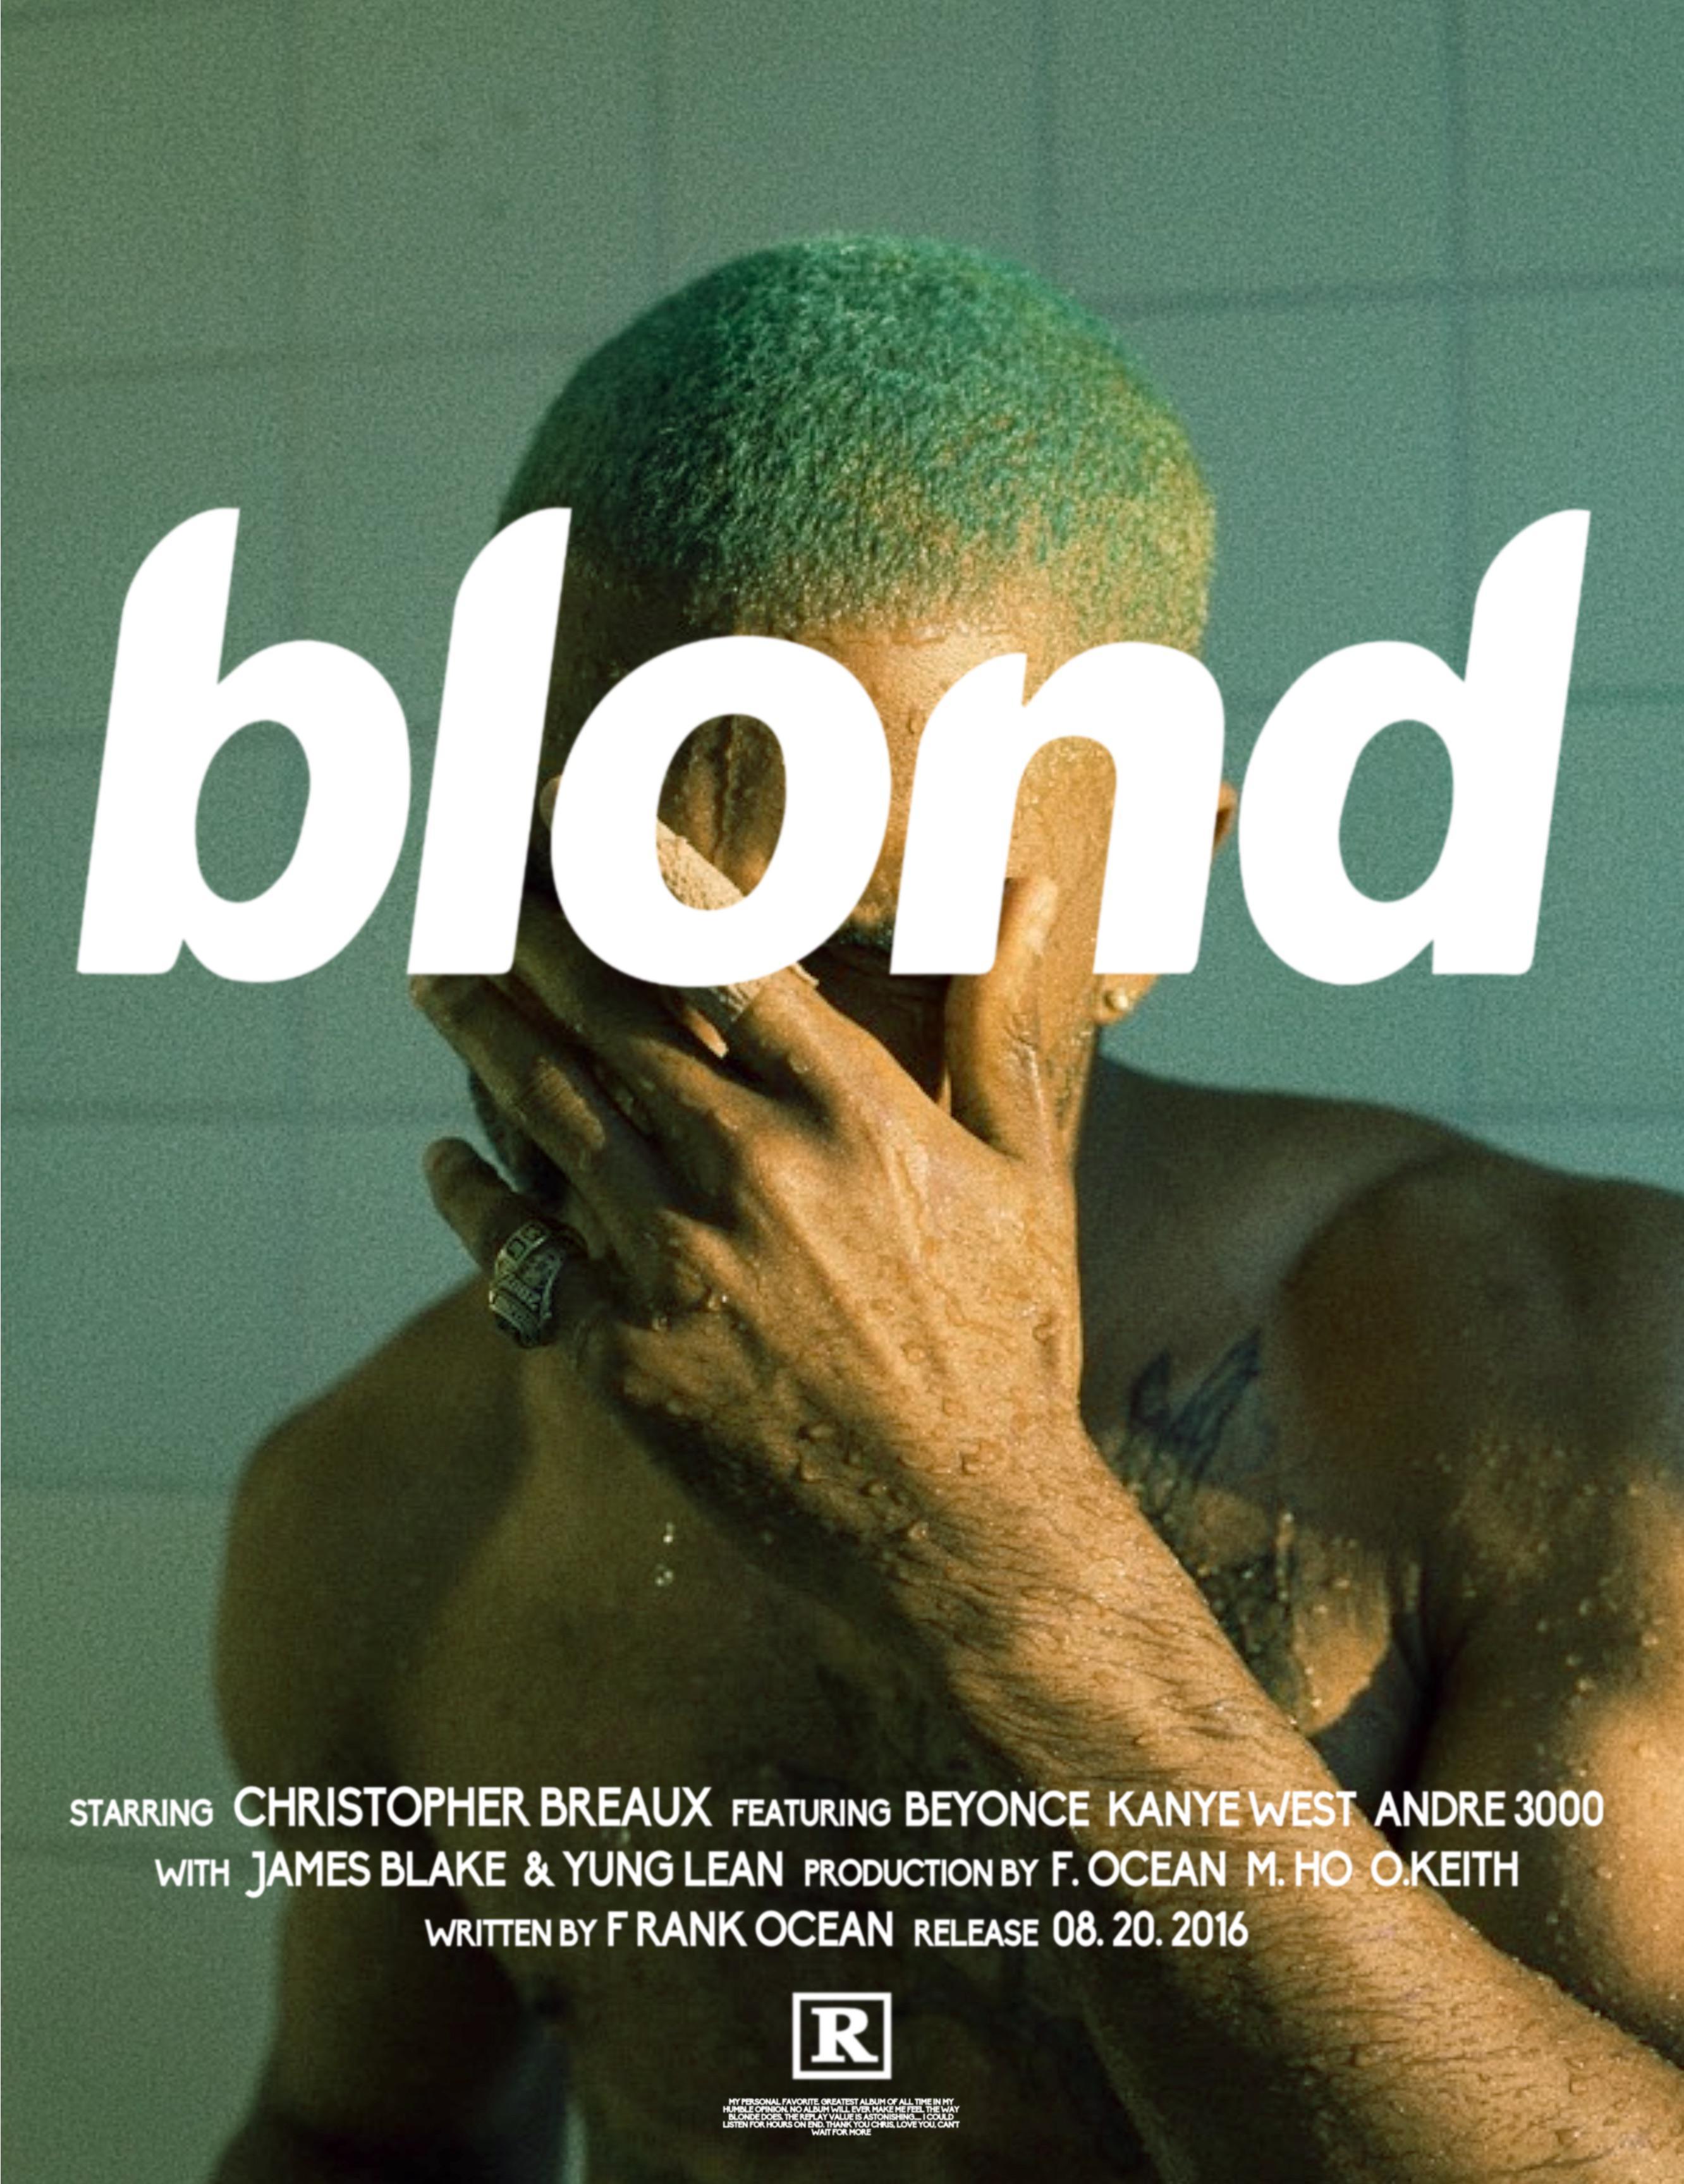 blond movie poster frankocean